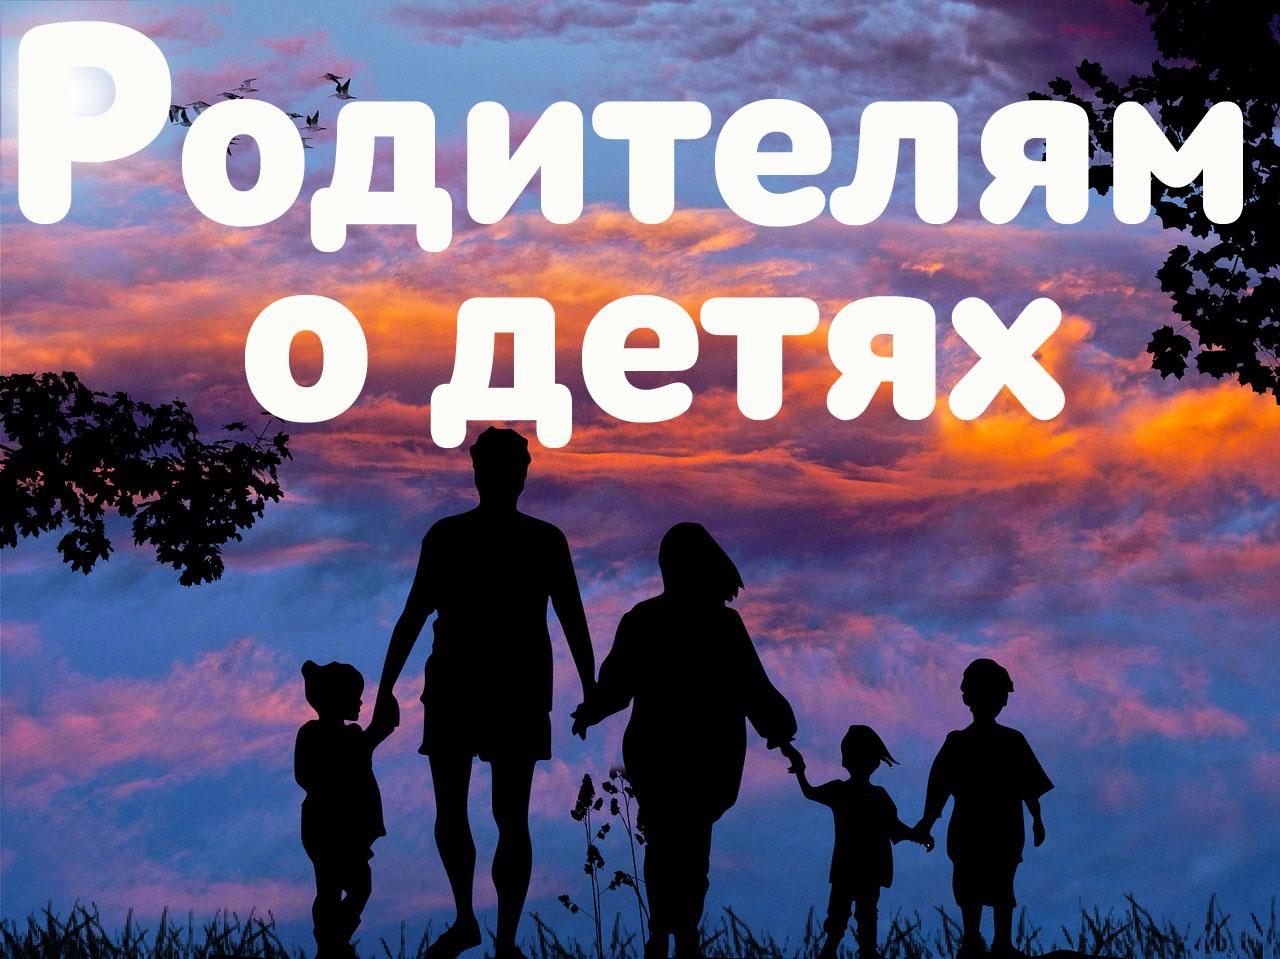 цена Шуваева Татьяна Как помочь малышу преодолеть страх? в интернет-магазинах